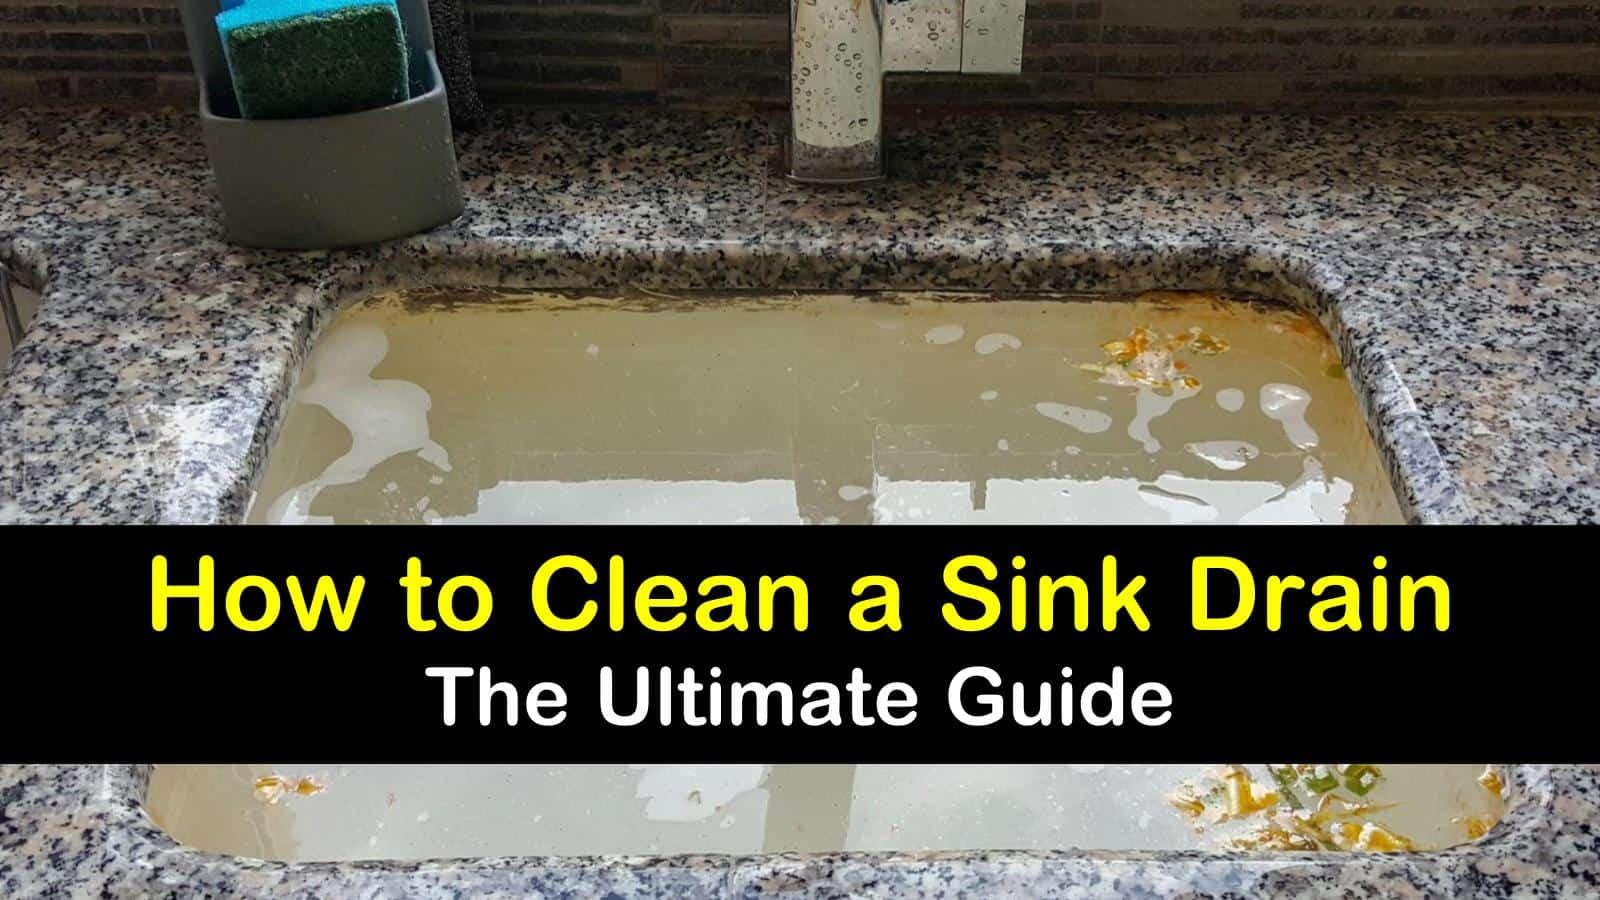 how to clean a sink drain titleimg1